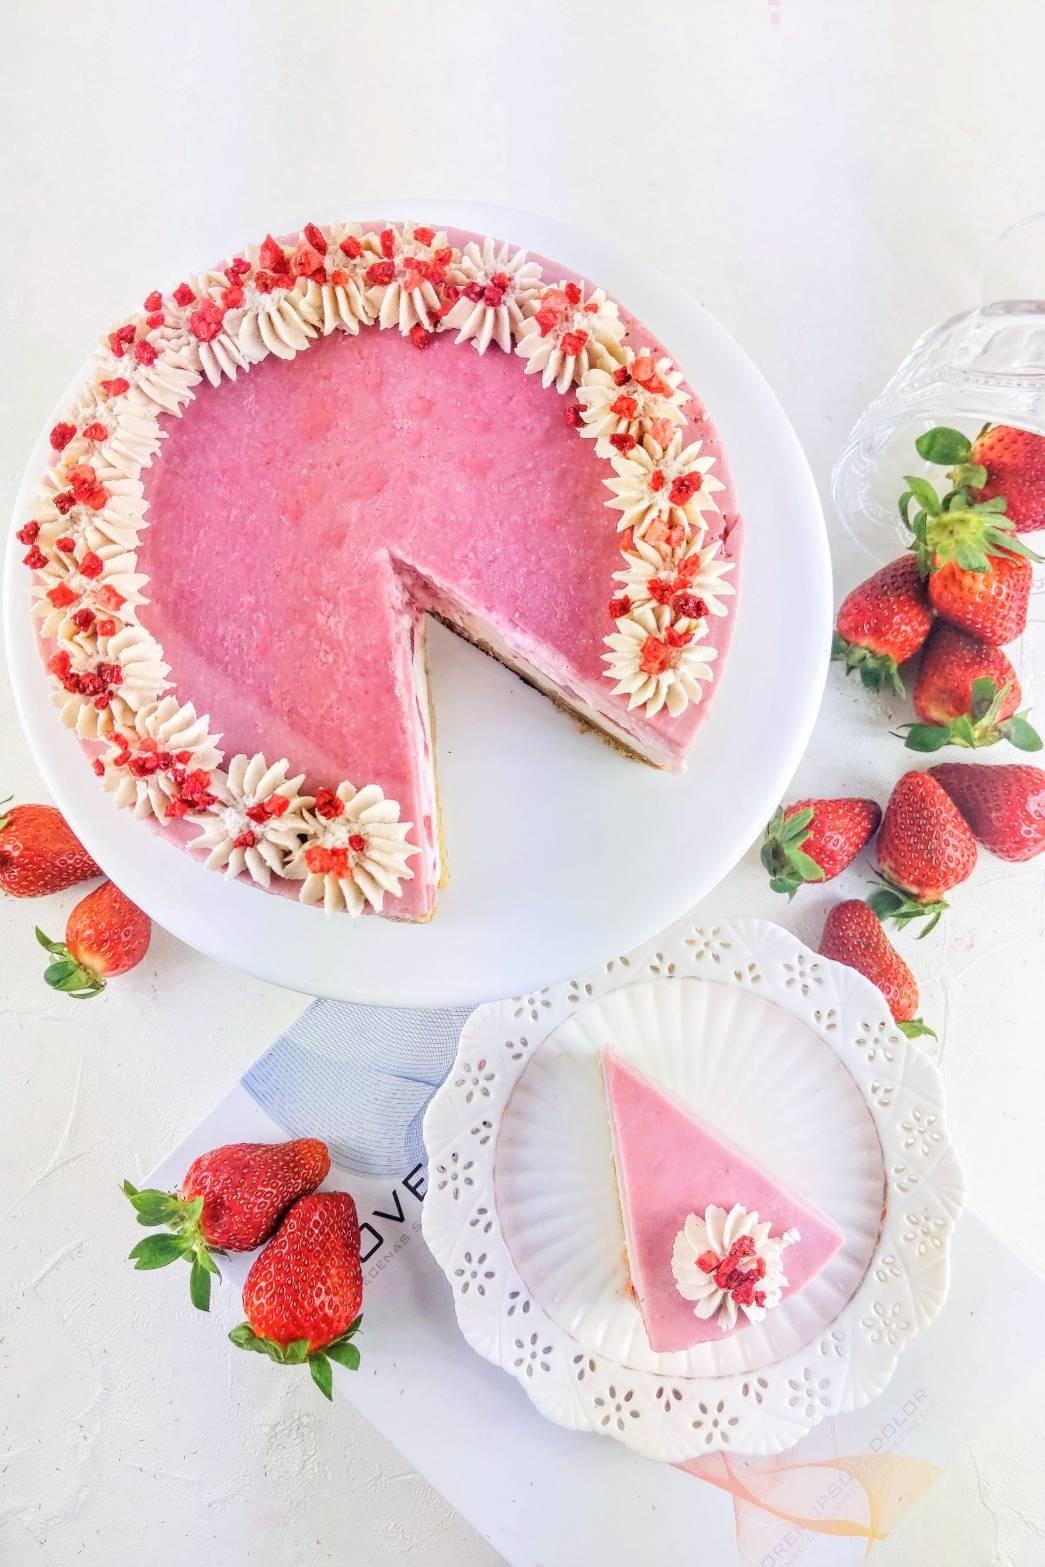 漸層草莓優格生乳酪(附淋醬)/6吋  #非素食#草莓#覆盆子#優格